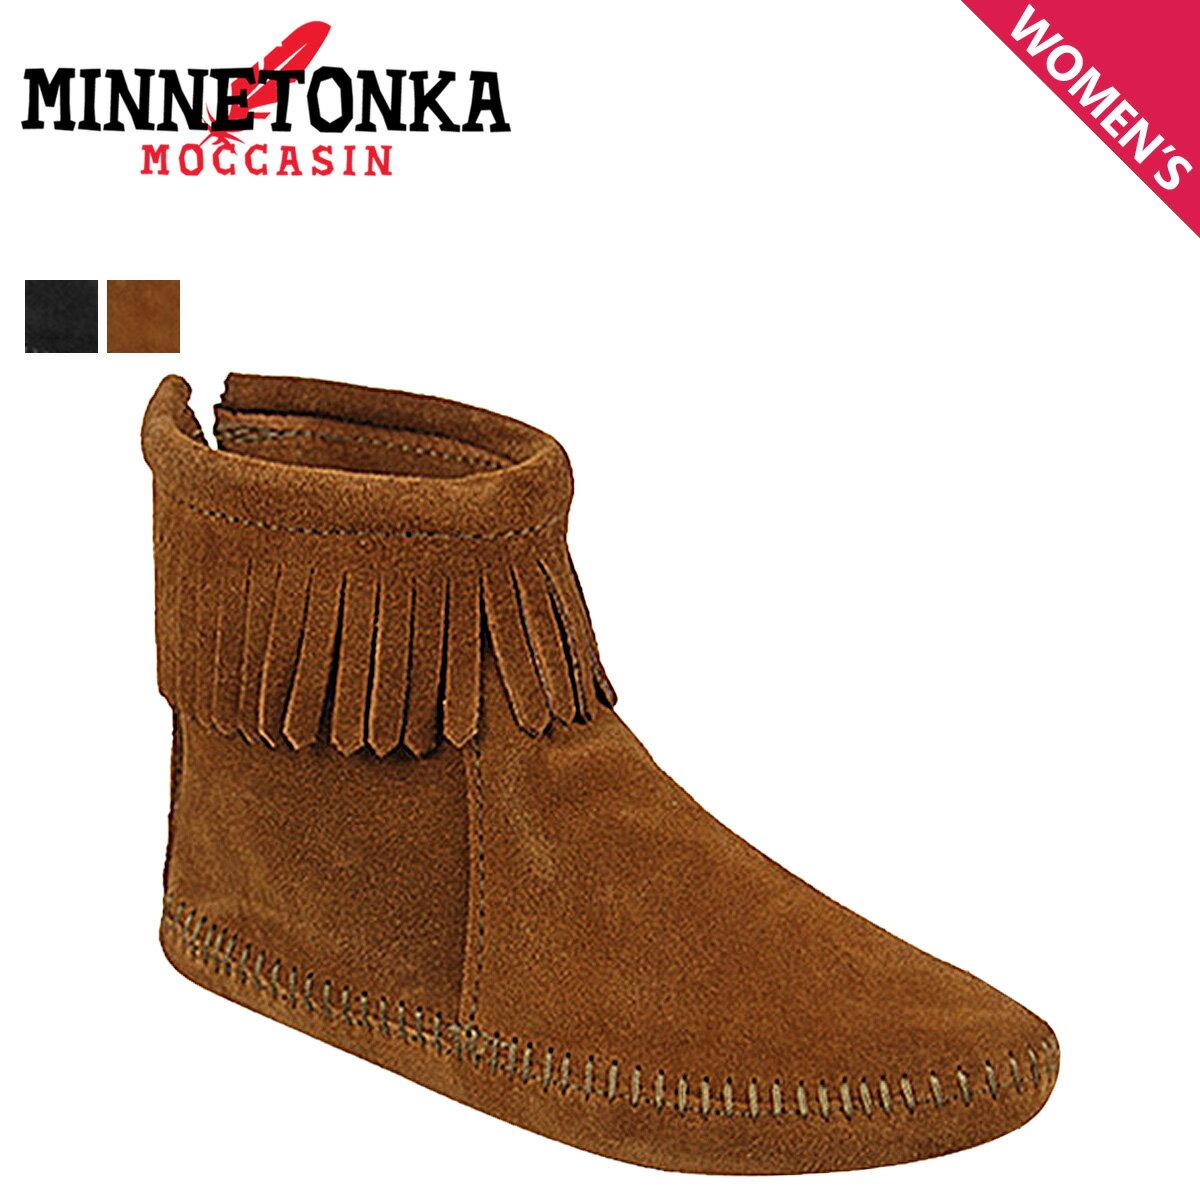 【最大2000円OFFクーポン ポイント最大32倍】 ミネトンカ MINNETONKA バック ジッパー ブーツ ソフトソール BACK ZIPPER BOOTS SOFT SOLE レディース